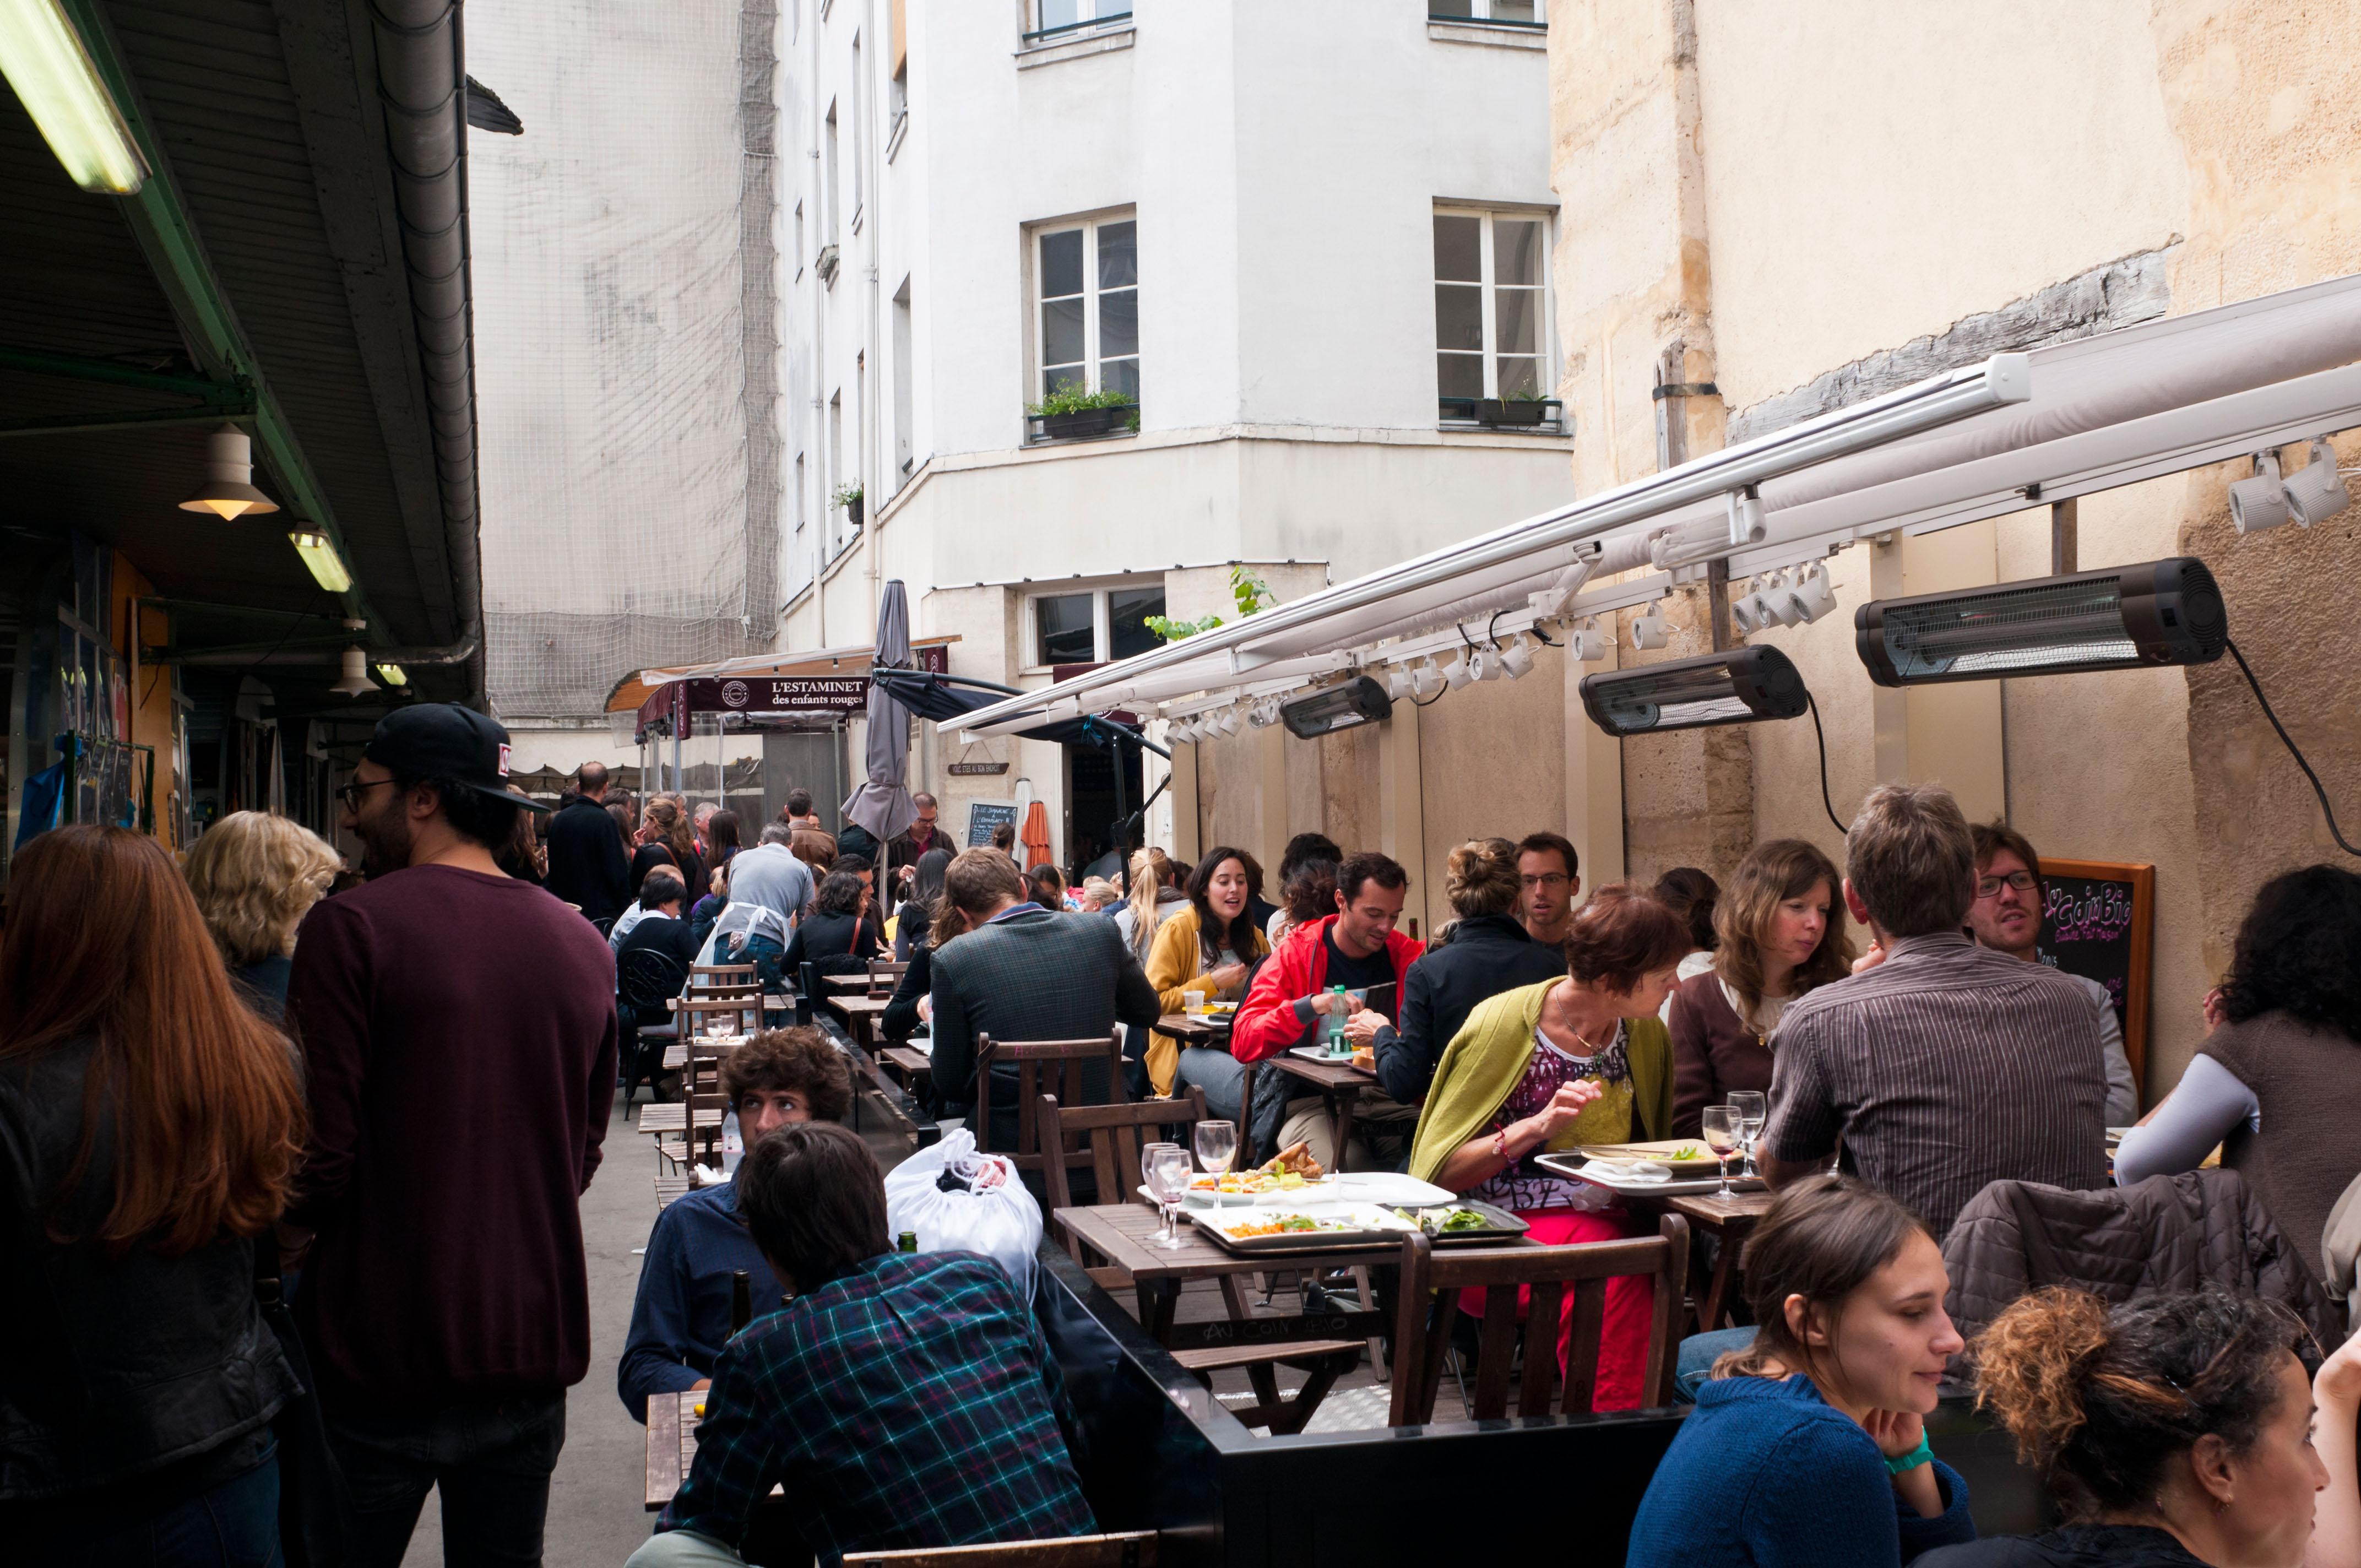 Parisian Market The Marche des Enfants Rouges